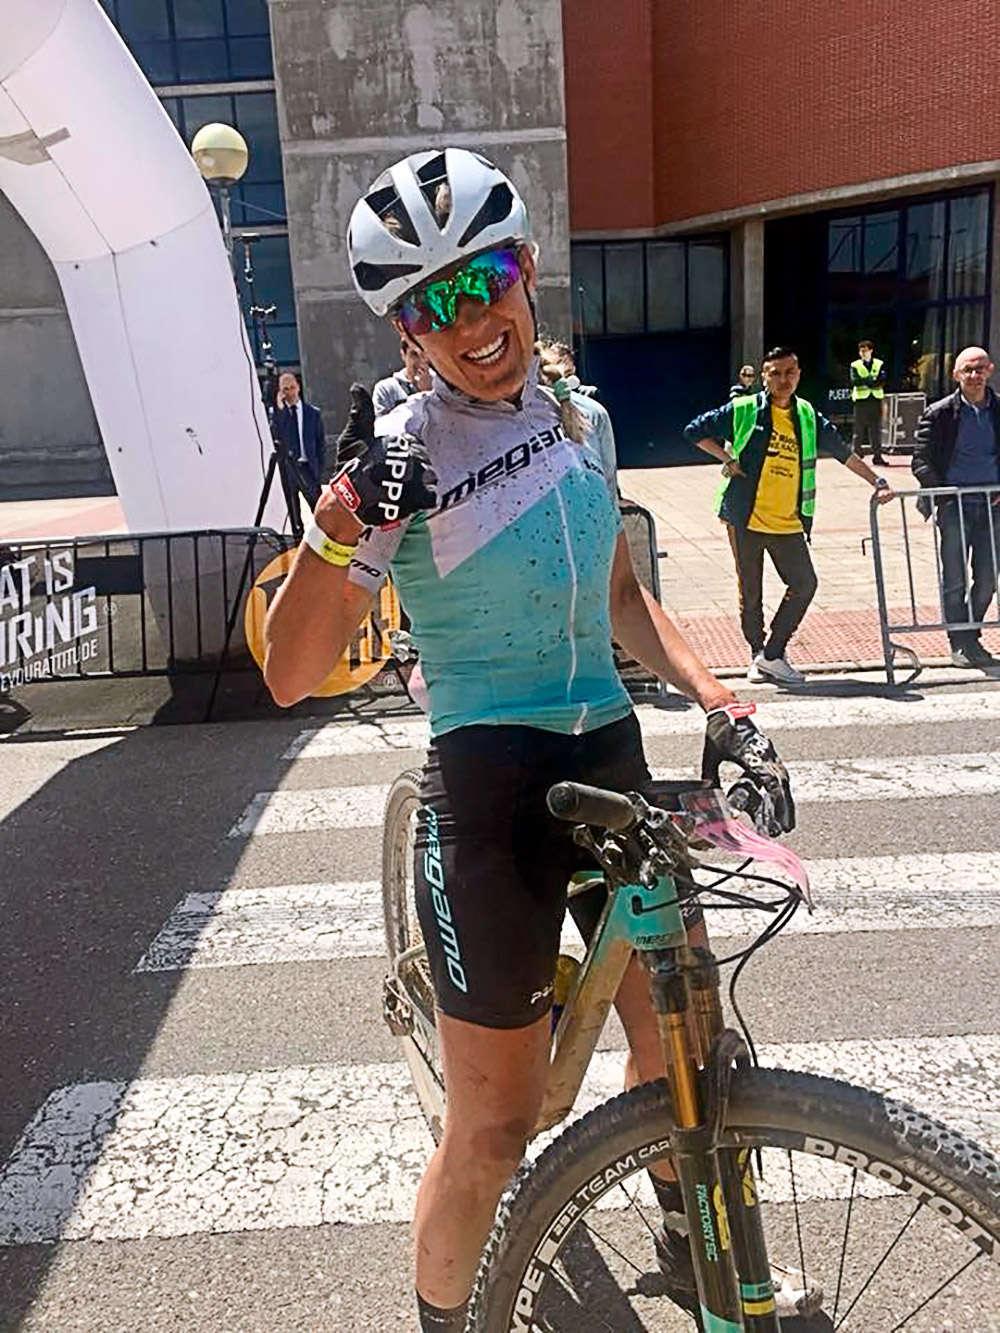 En TodoMountainBike: Primeros líderes en La Rioja Bike Race 2018: Mathieu van der Poel y Clàudia Galicia